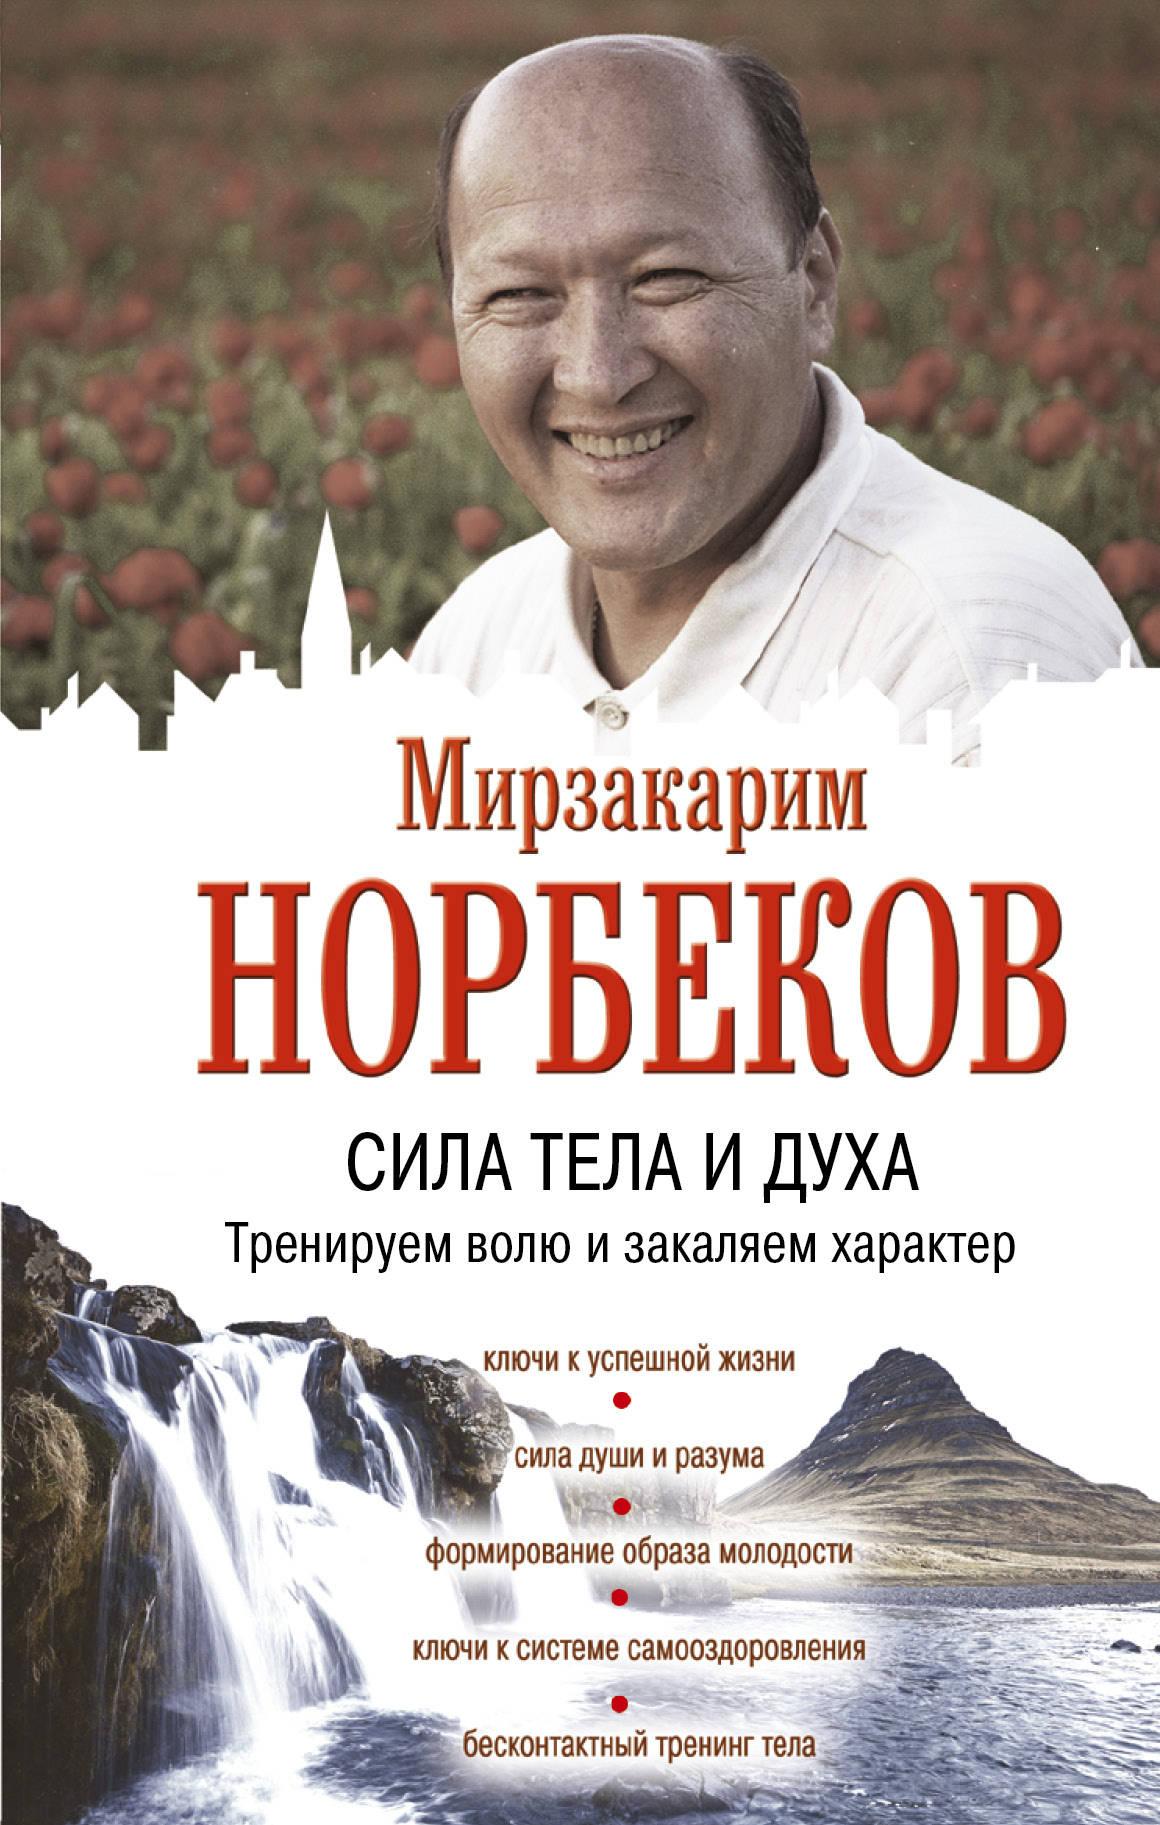 М. С. Норбеков Сила тела и духа. Тренируем волю и закаляем характер